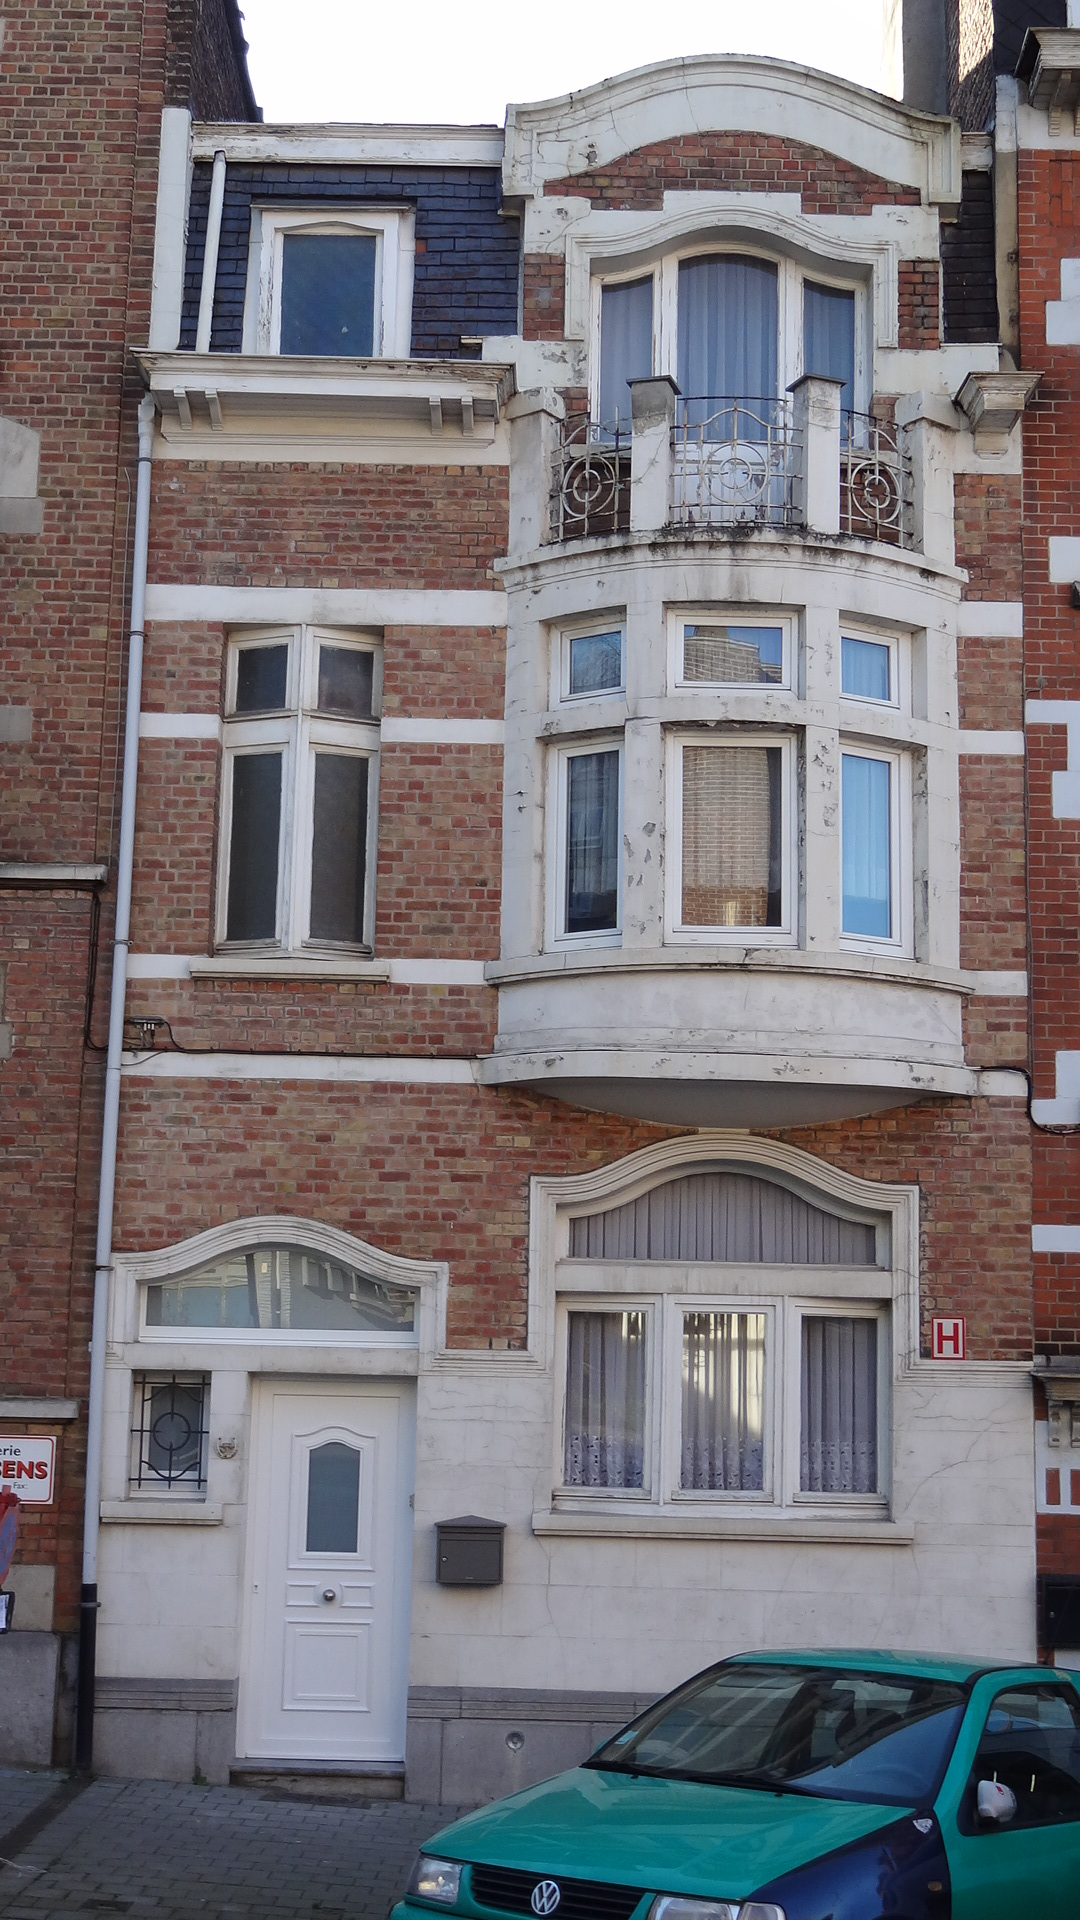 Bel entreprise r novation d coration techniques toitures for Entreprise renovation facade